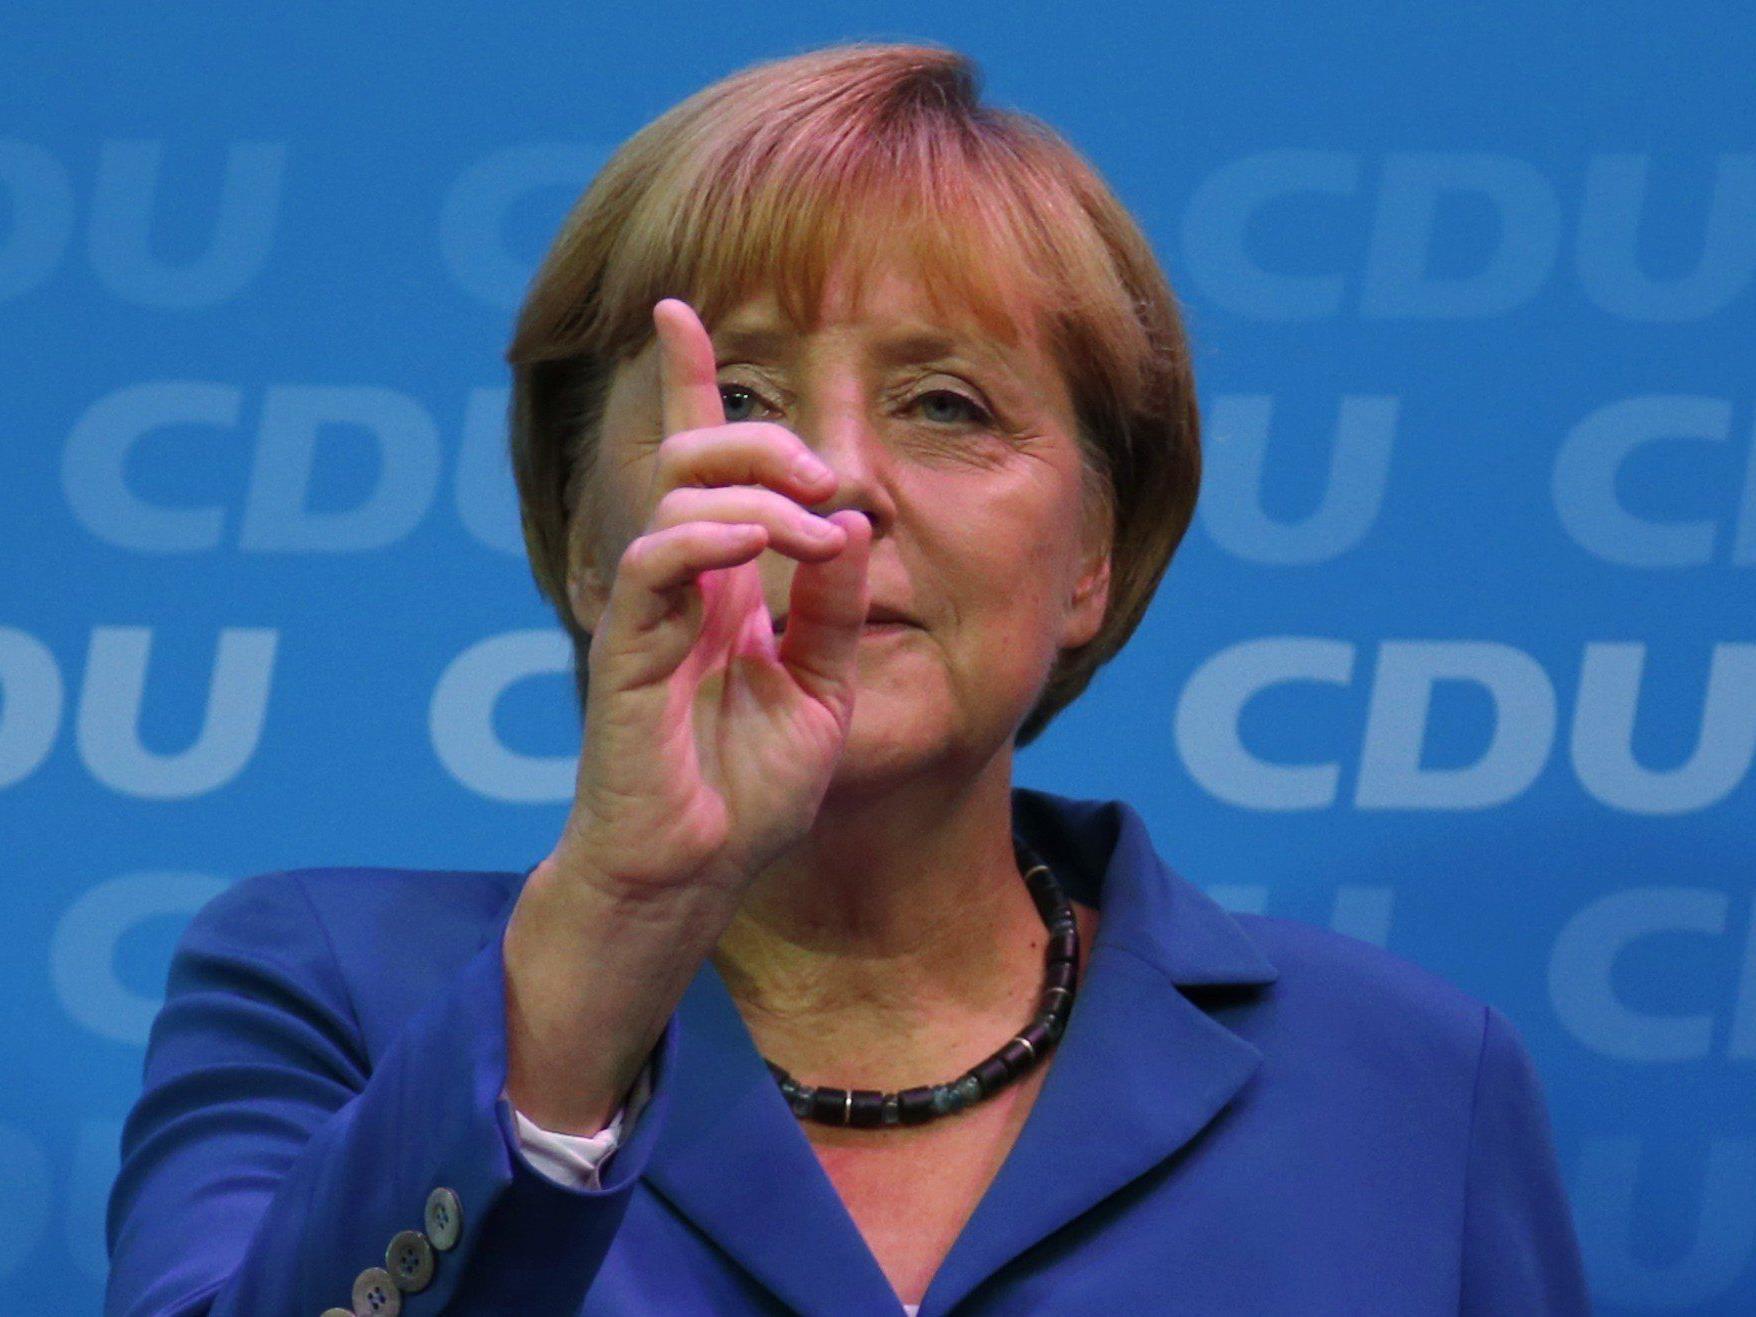 Wahlausgang in Deutschland: Auch in Fingerzeig für Österreich?